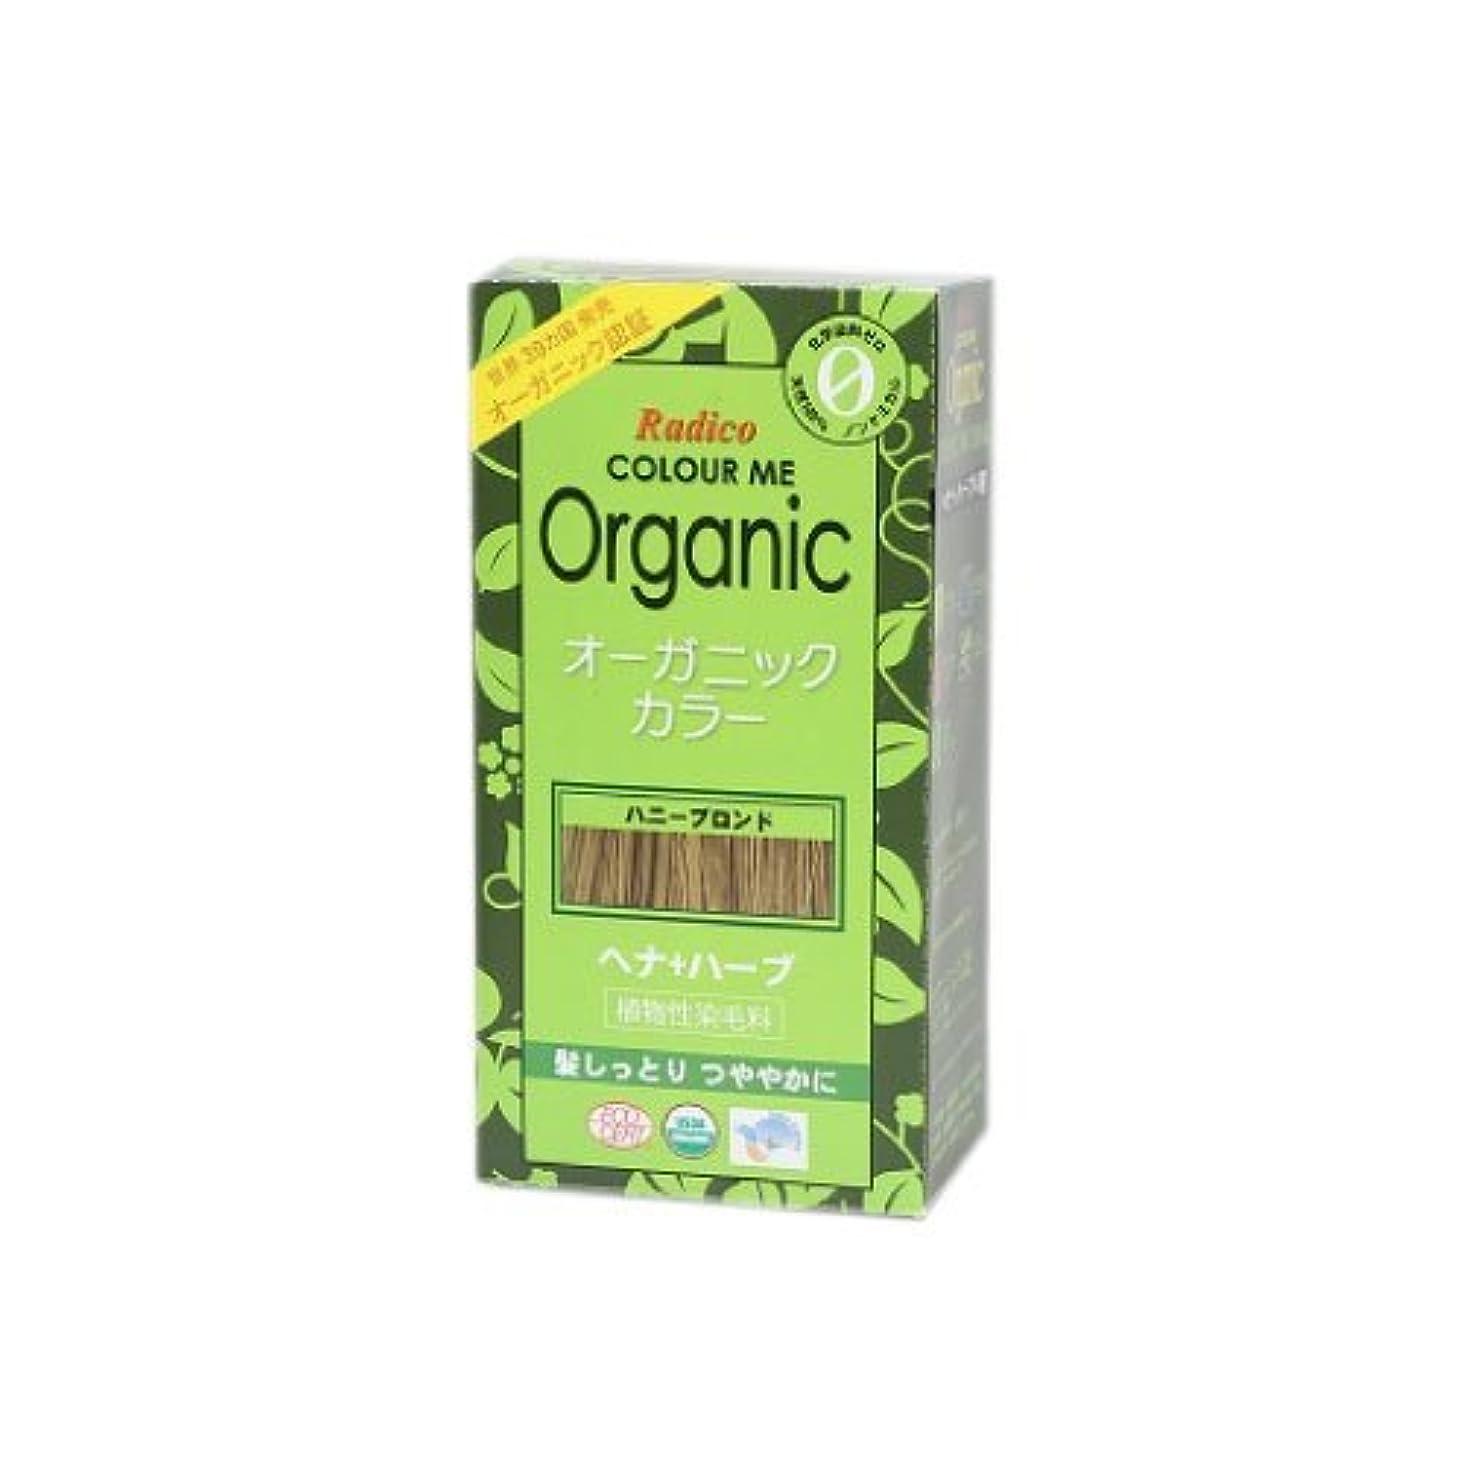 スピン強大な上昇COLOURME Organic (カラーミーオーガニック ヘナ 白髪用) ハニーブロンド 100g